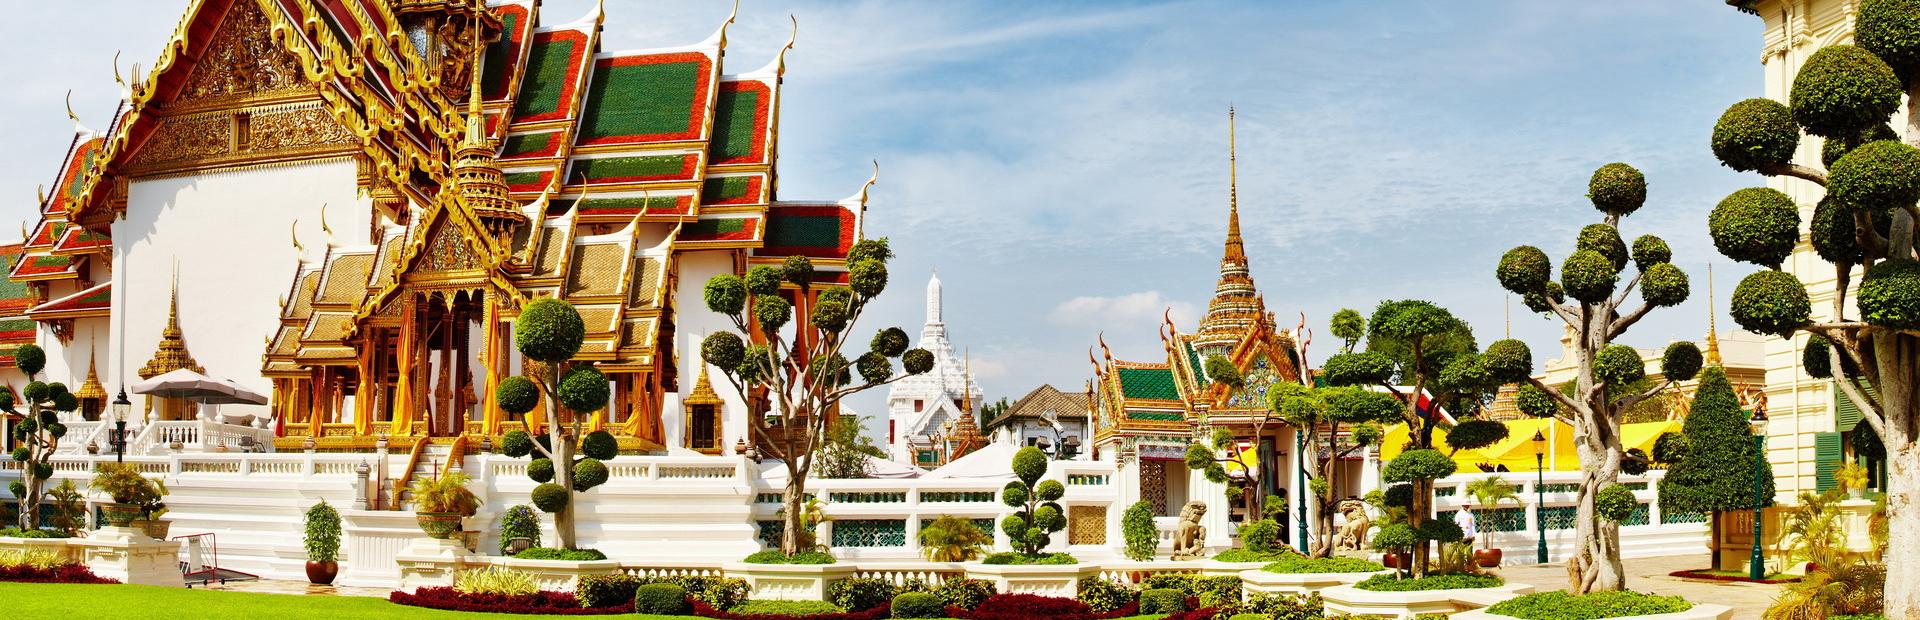 Thailand_Tour_1920x620